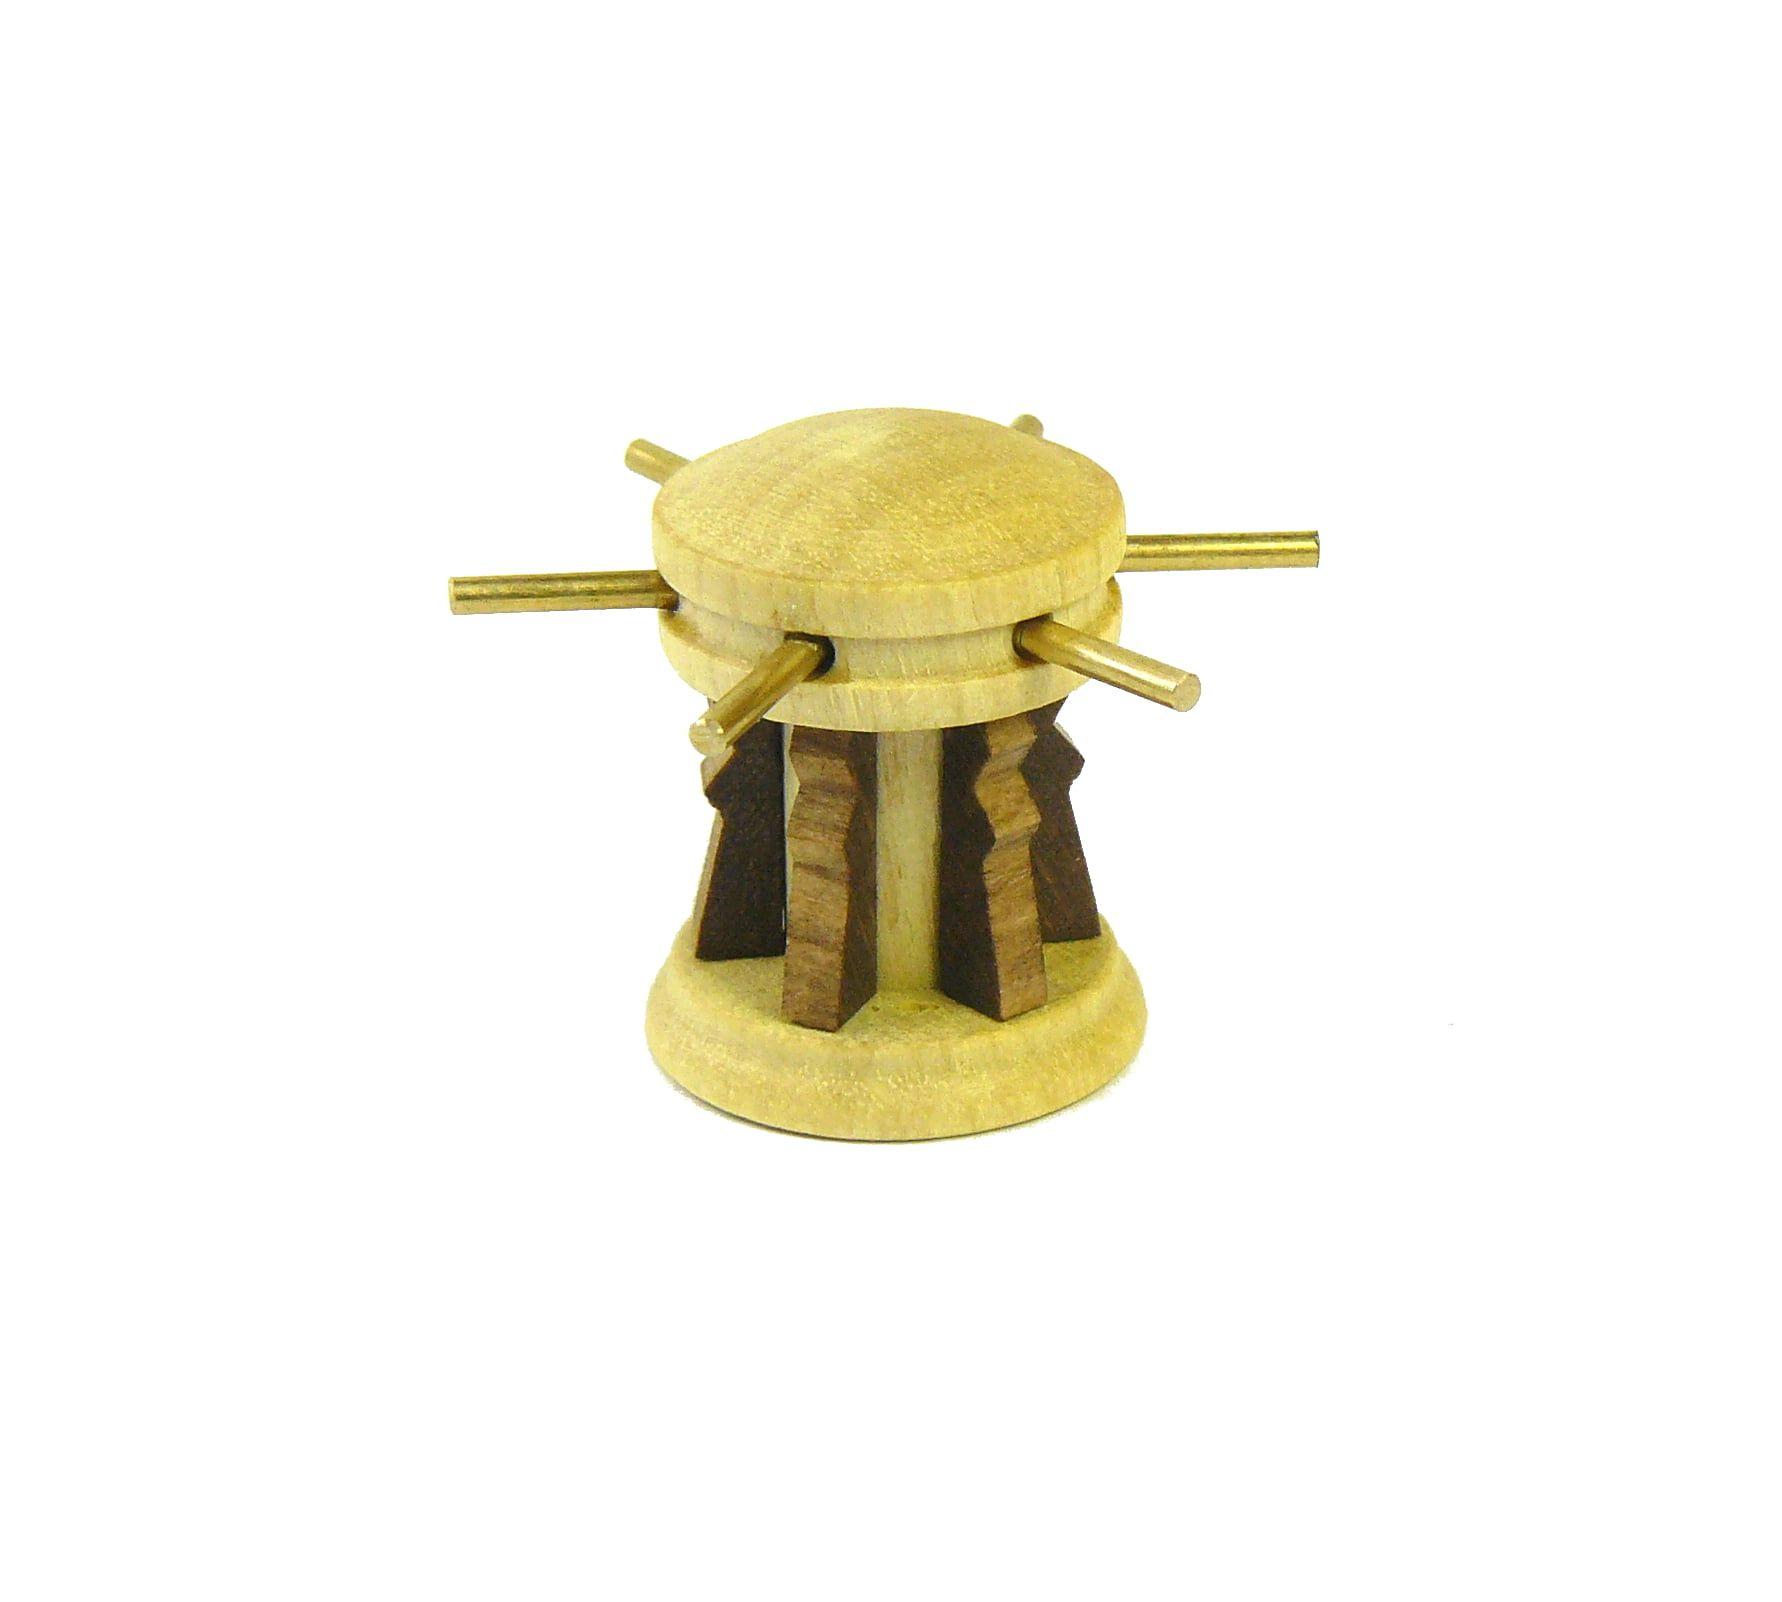 Wooden Capstan Kit For Model Ships - 25mm